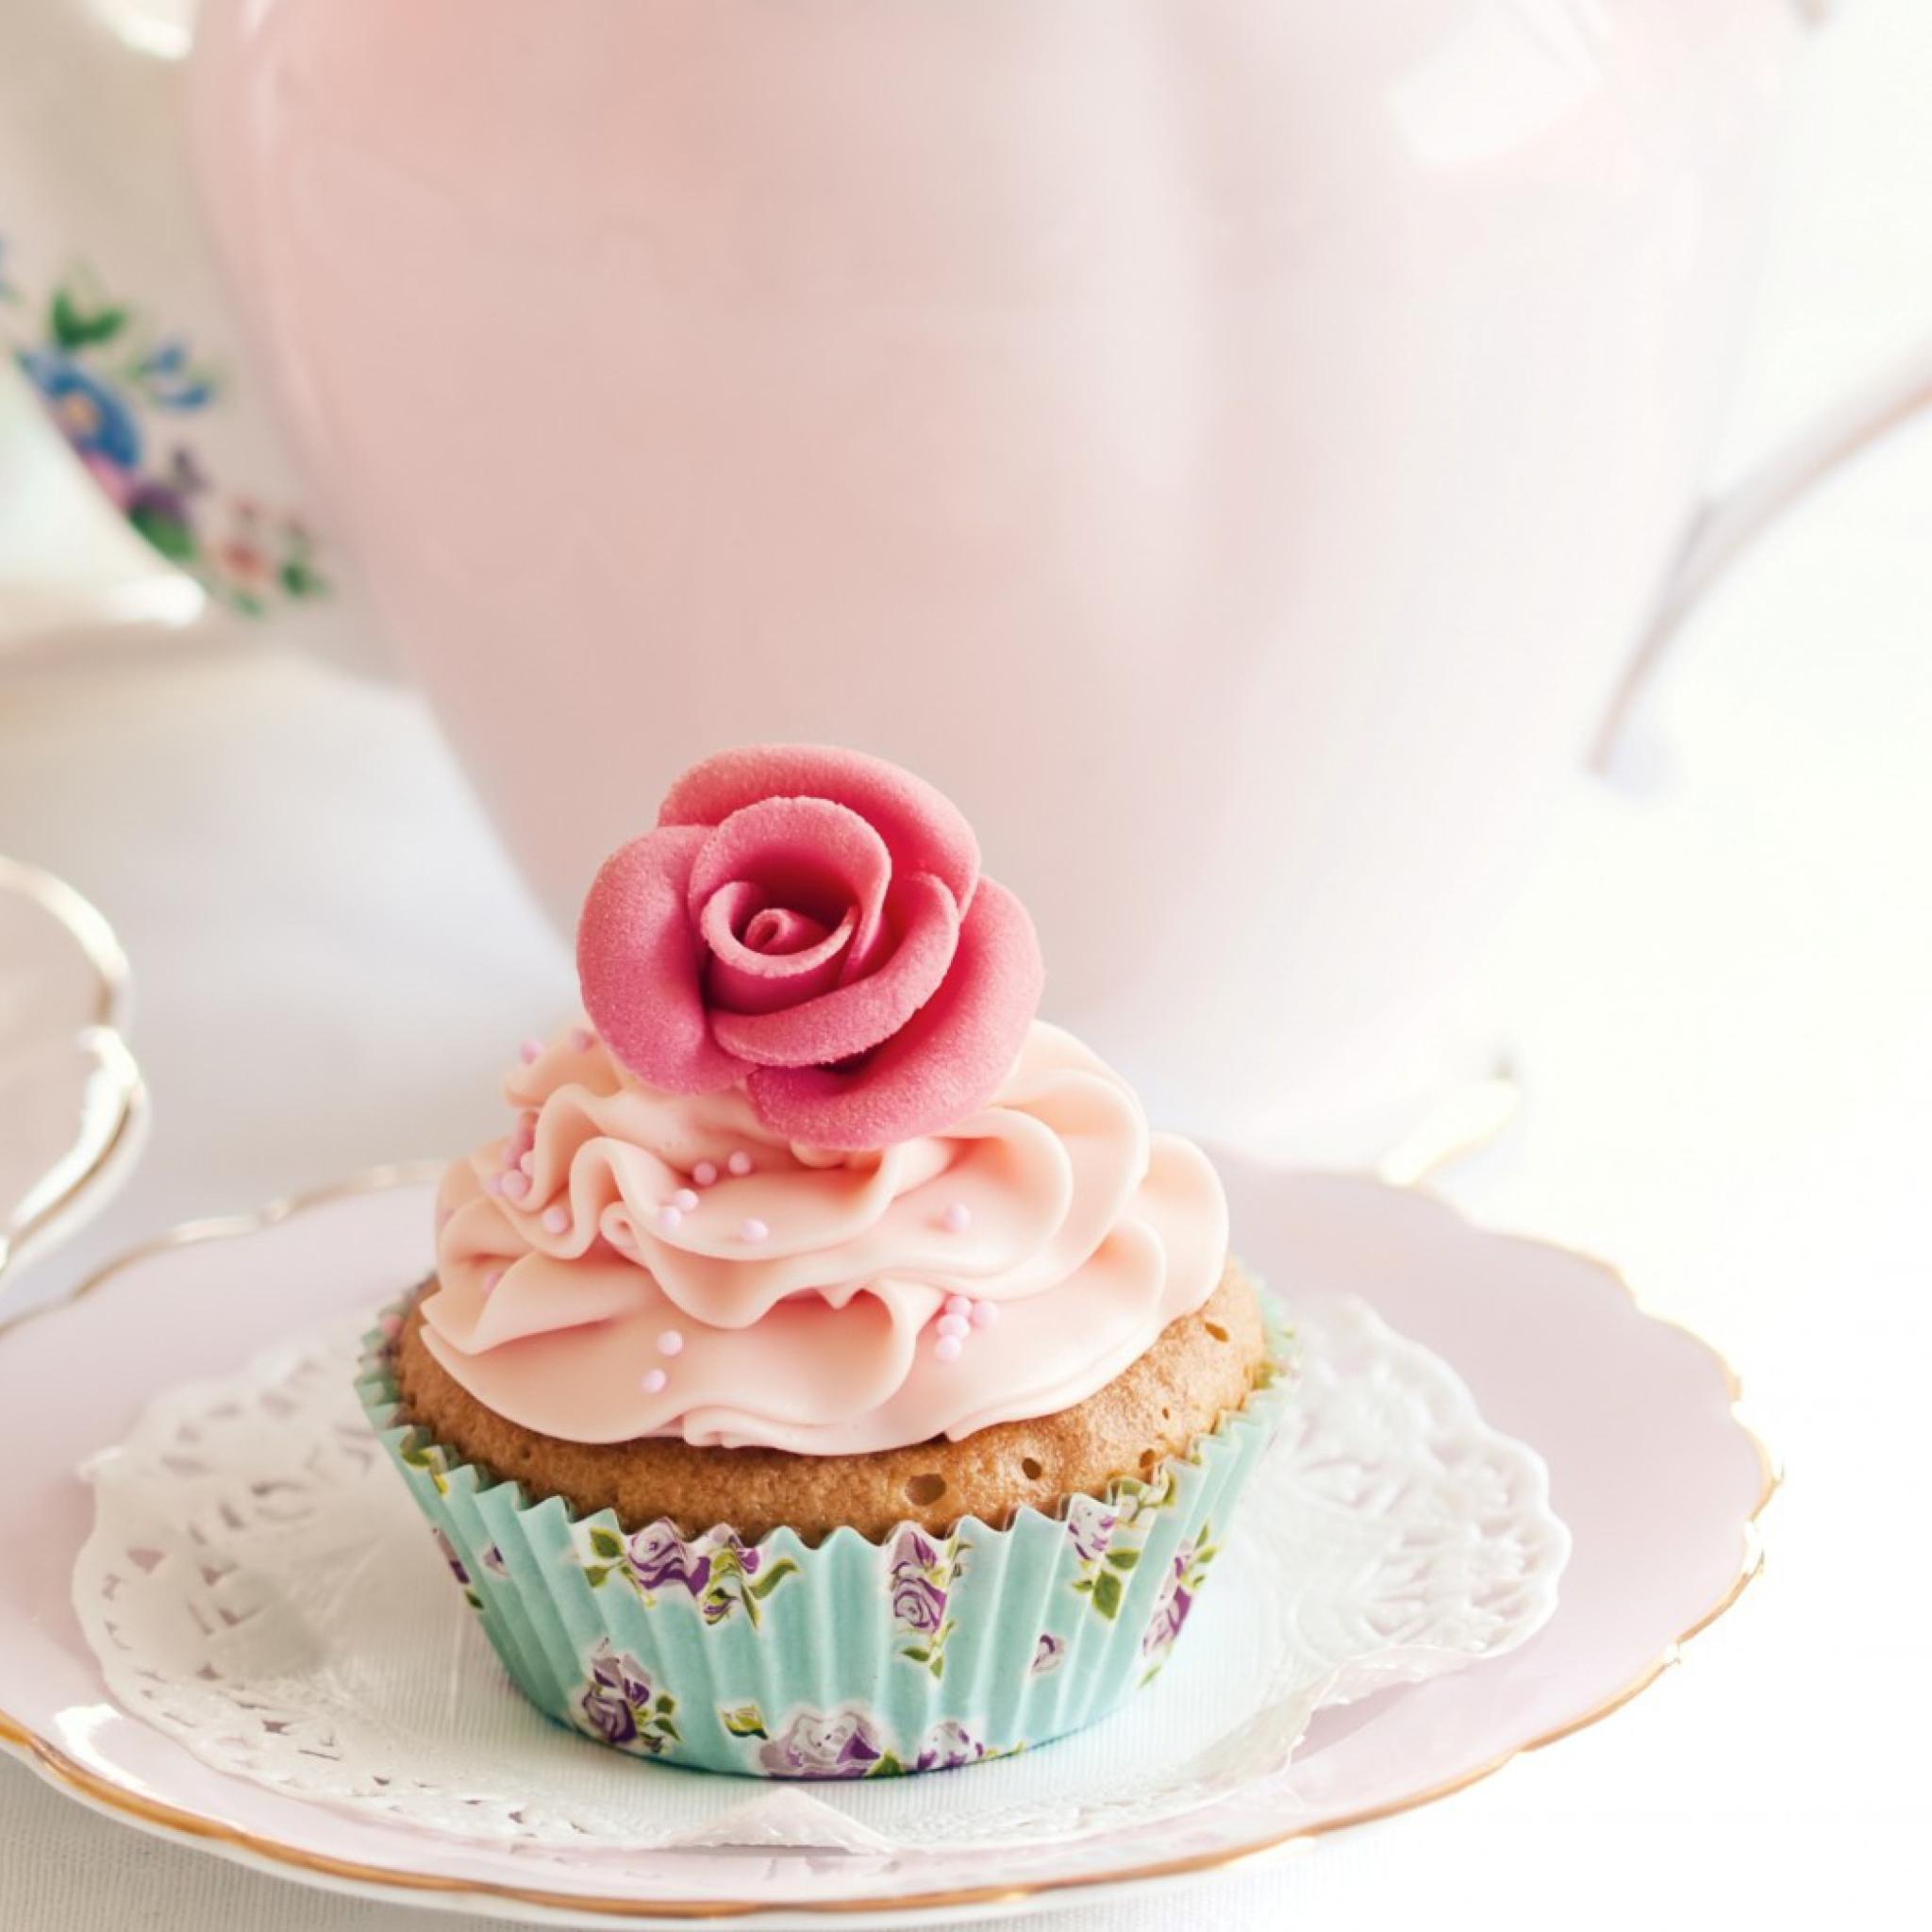 Красивые картинки пирожные для телефона